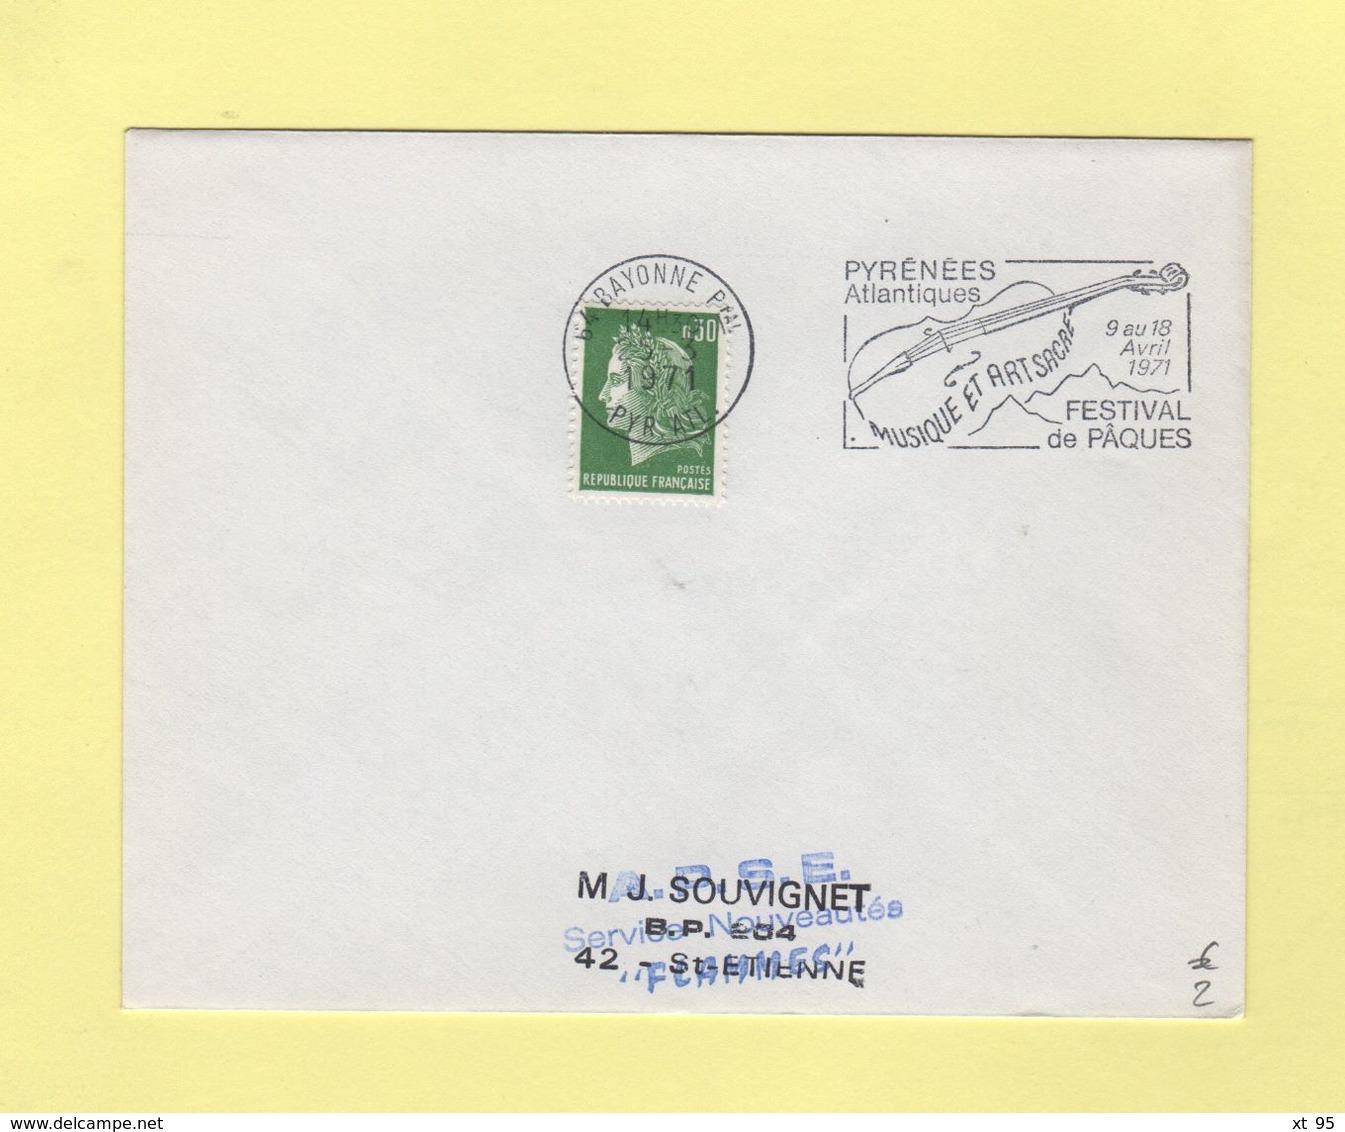 Bayonne - Musique Et Art Sacre - Festival De Paques - 1971 - Postmark Collection (Covers)